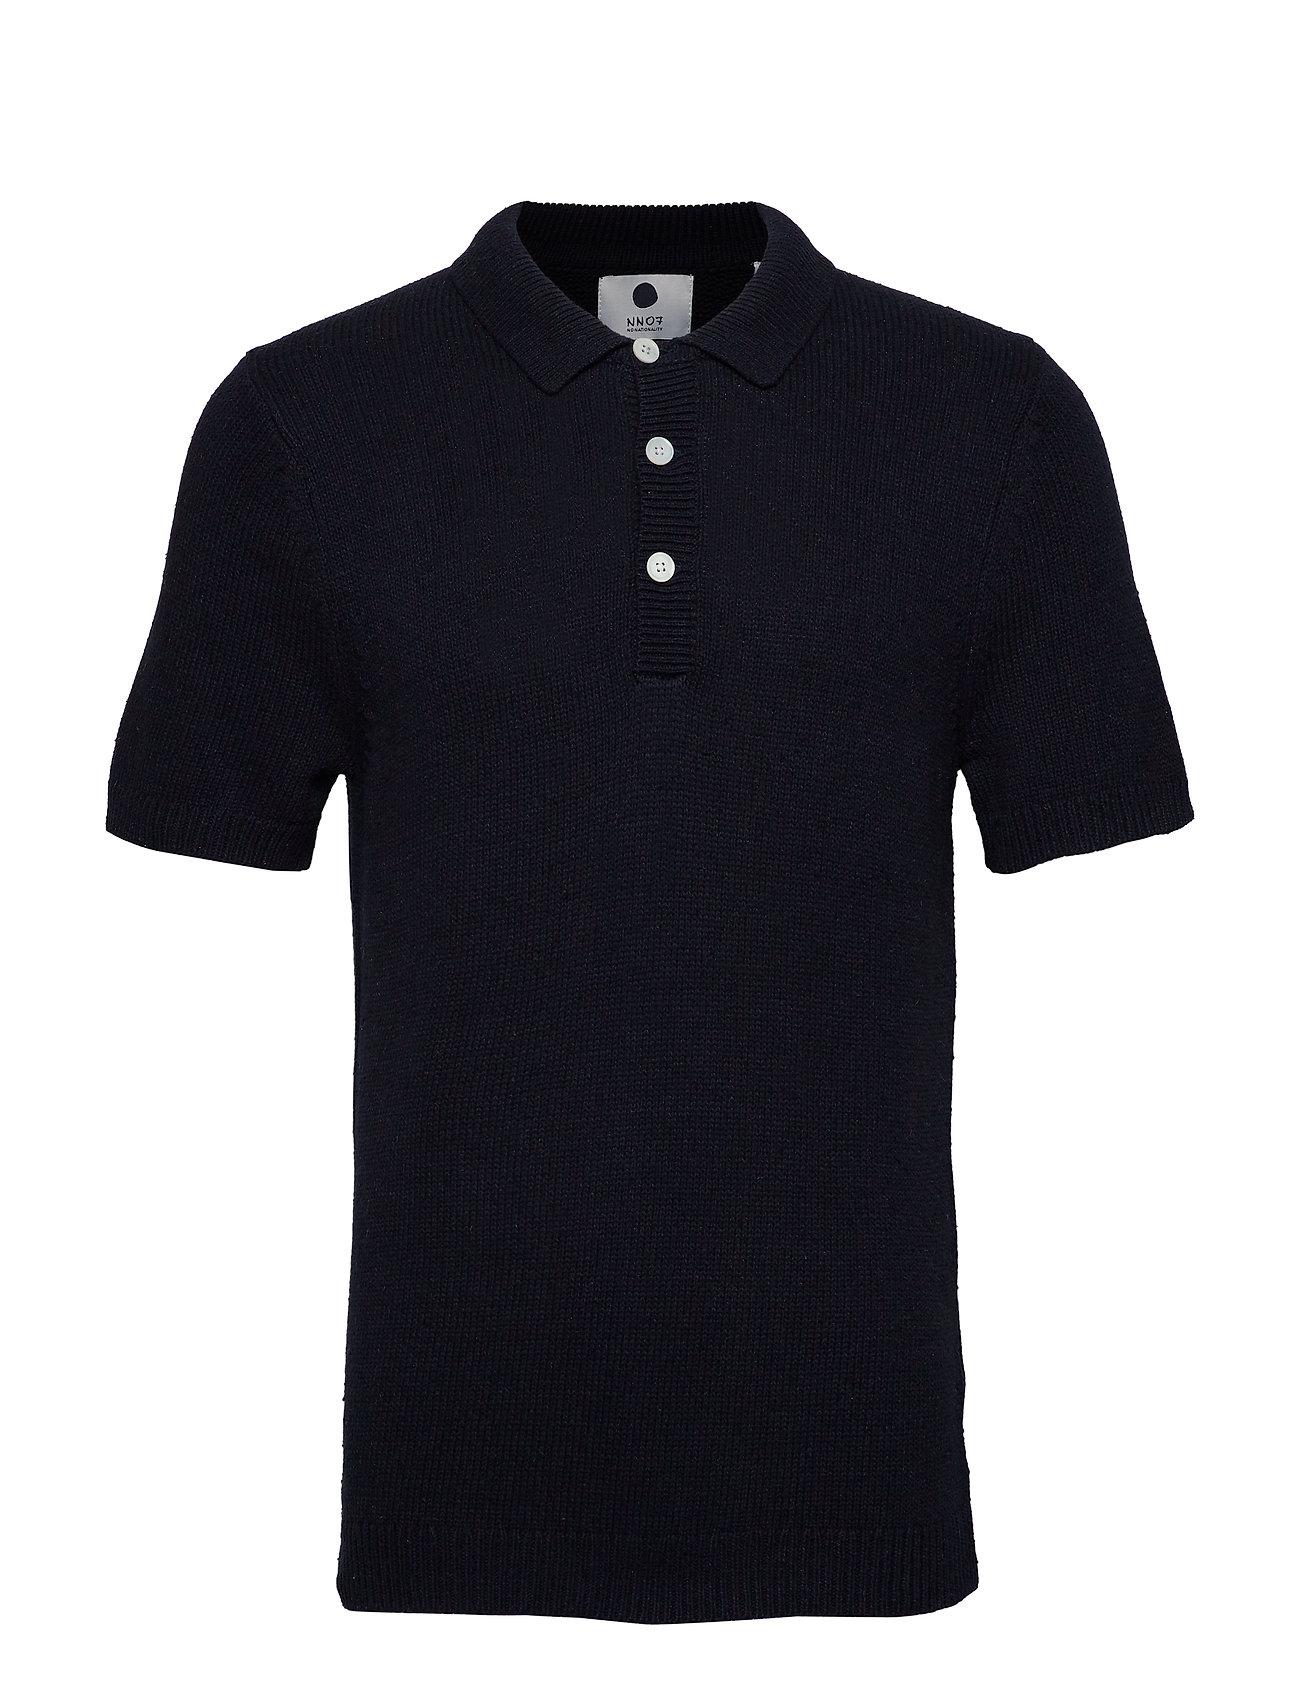 NN07 Short sleeve Polo 6274 - NAVY BLUE